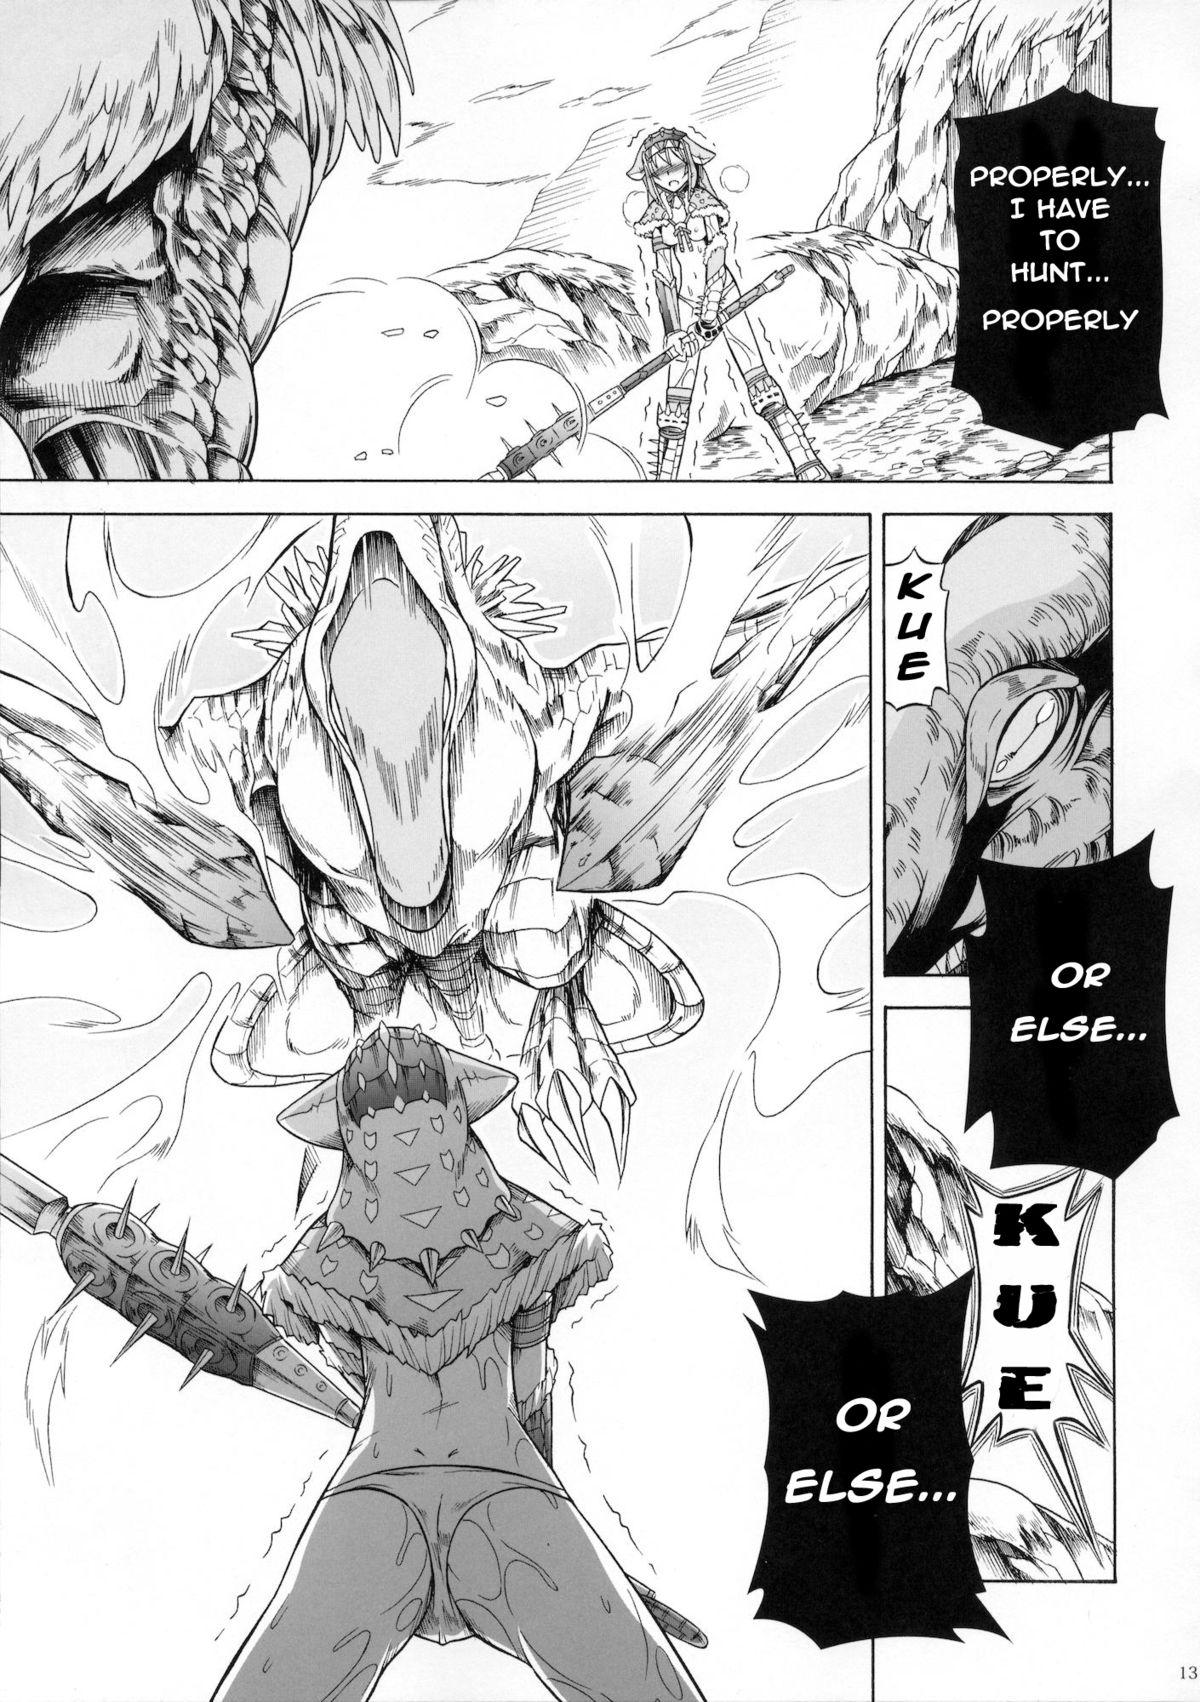 Solo Hunter no Seitai 3 11